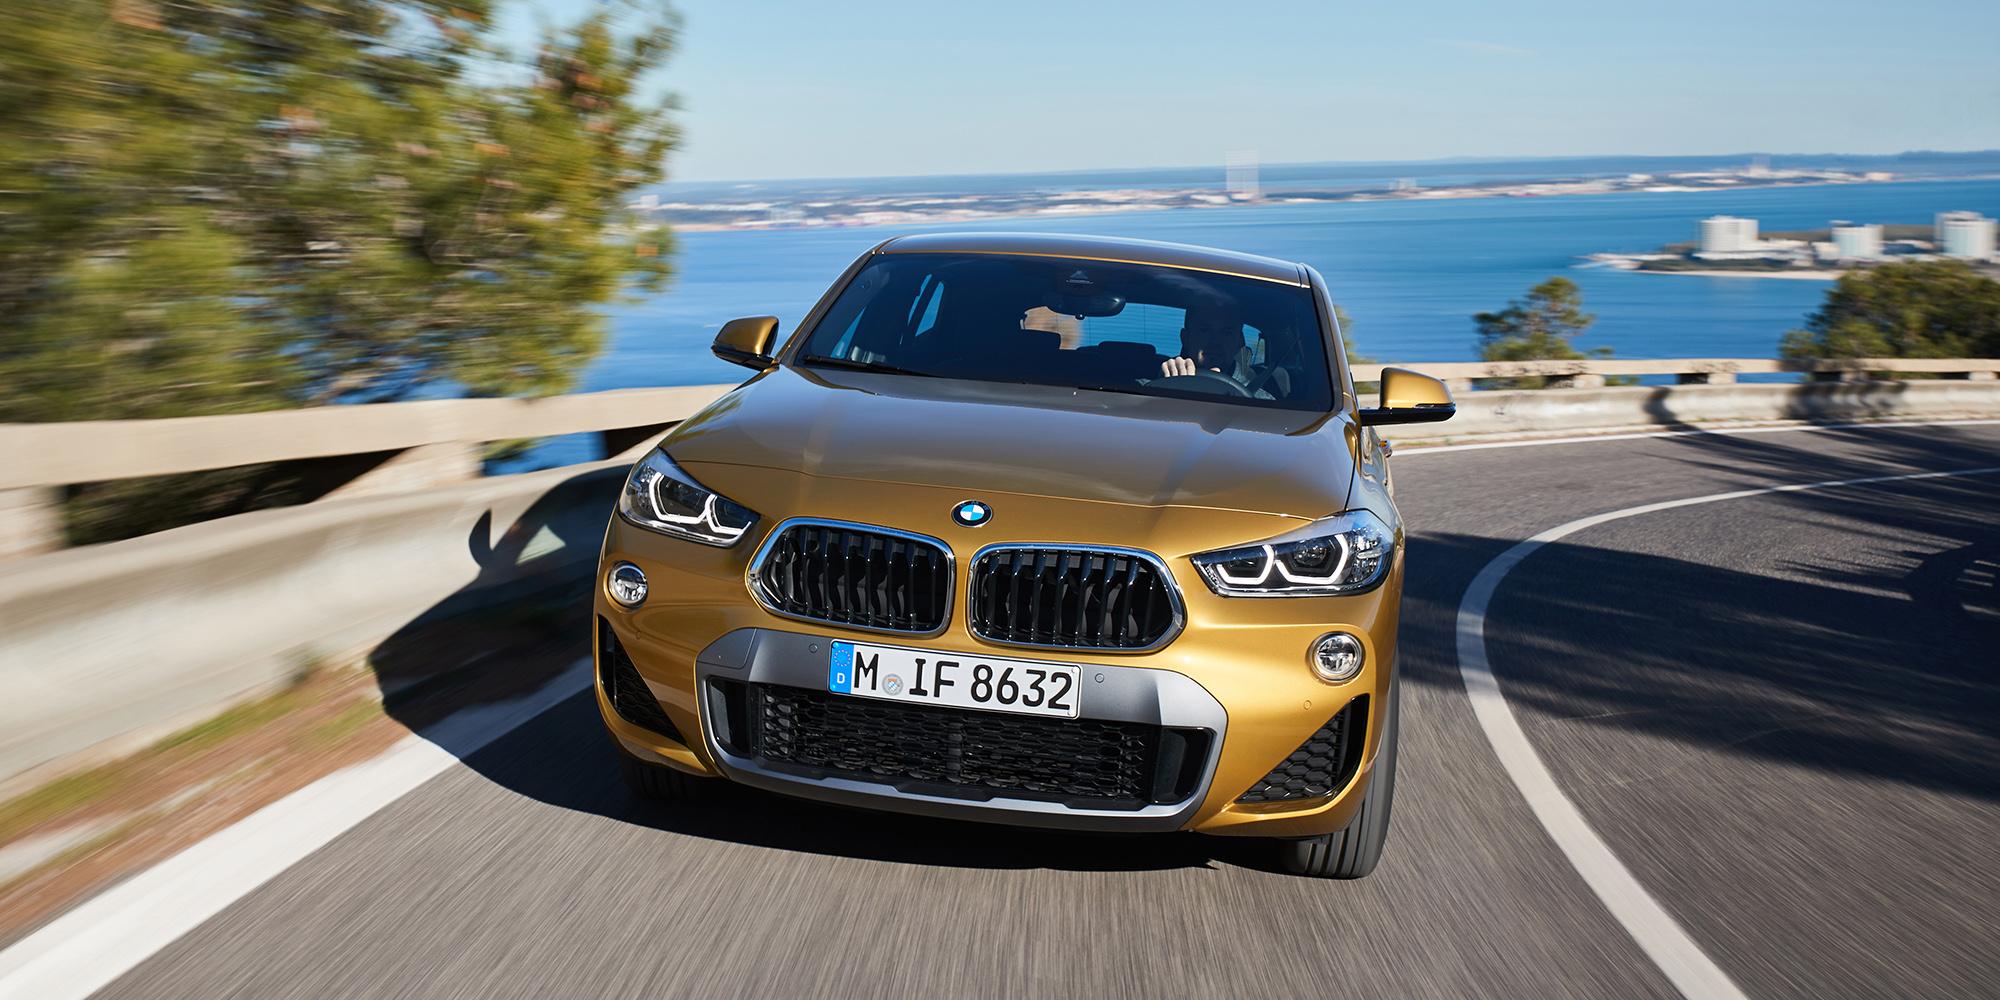 К середине года новые варианты автомобиля последовали за sDrive20i, который появится в автосалонах в этом месяце по цене от 55 900 долларов США.